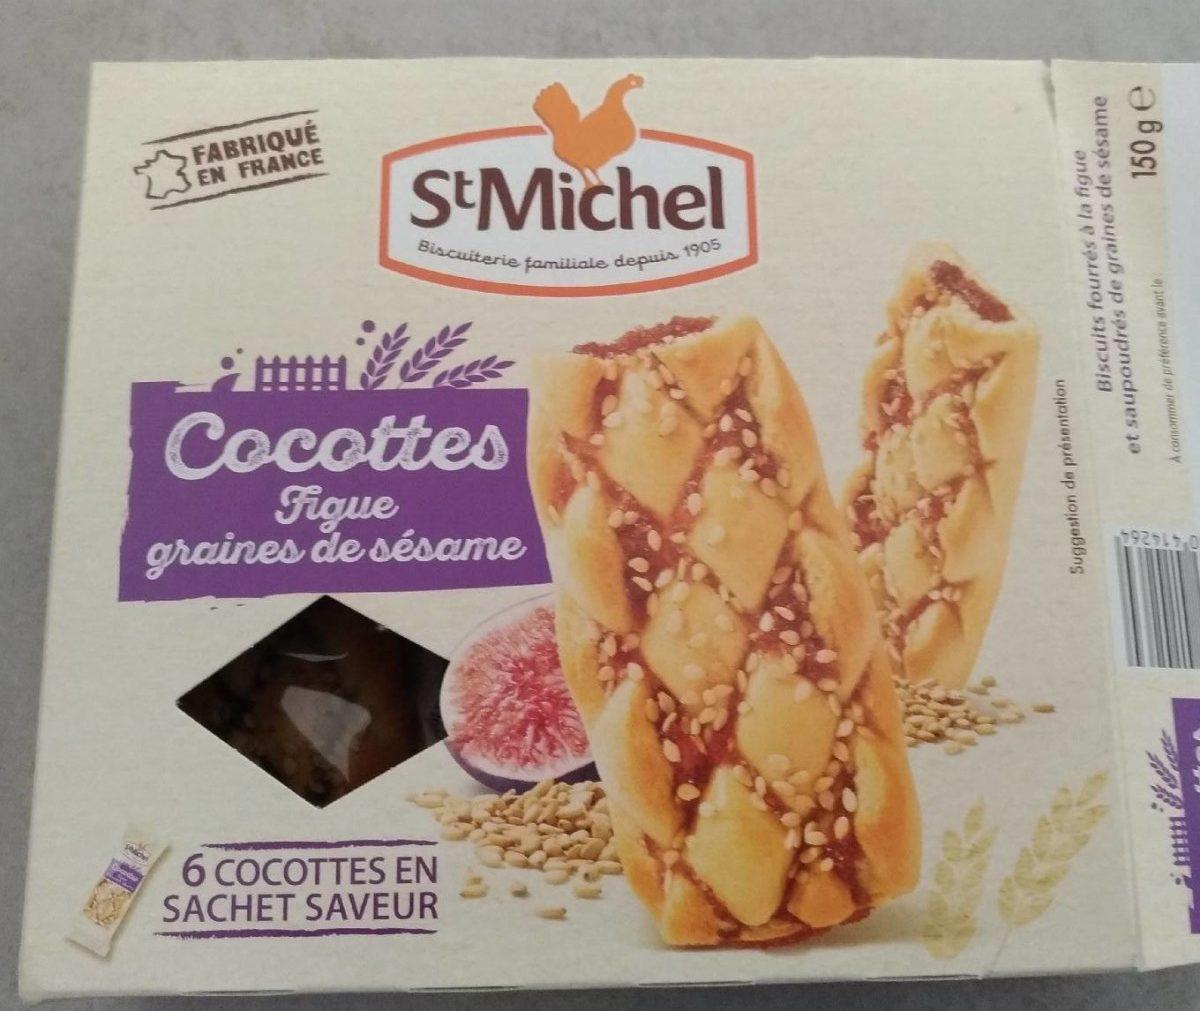 Cocottes Figues Graines de Sésame - Product - fr